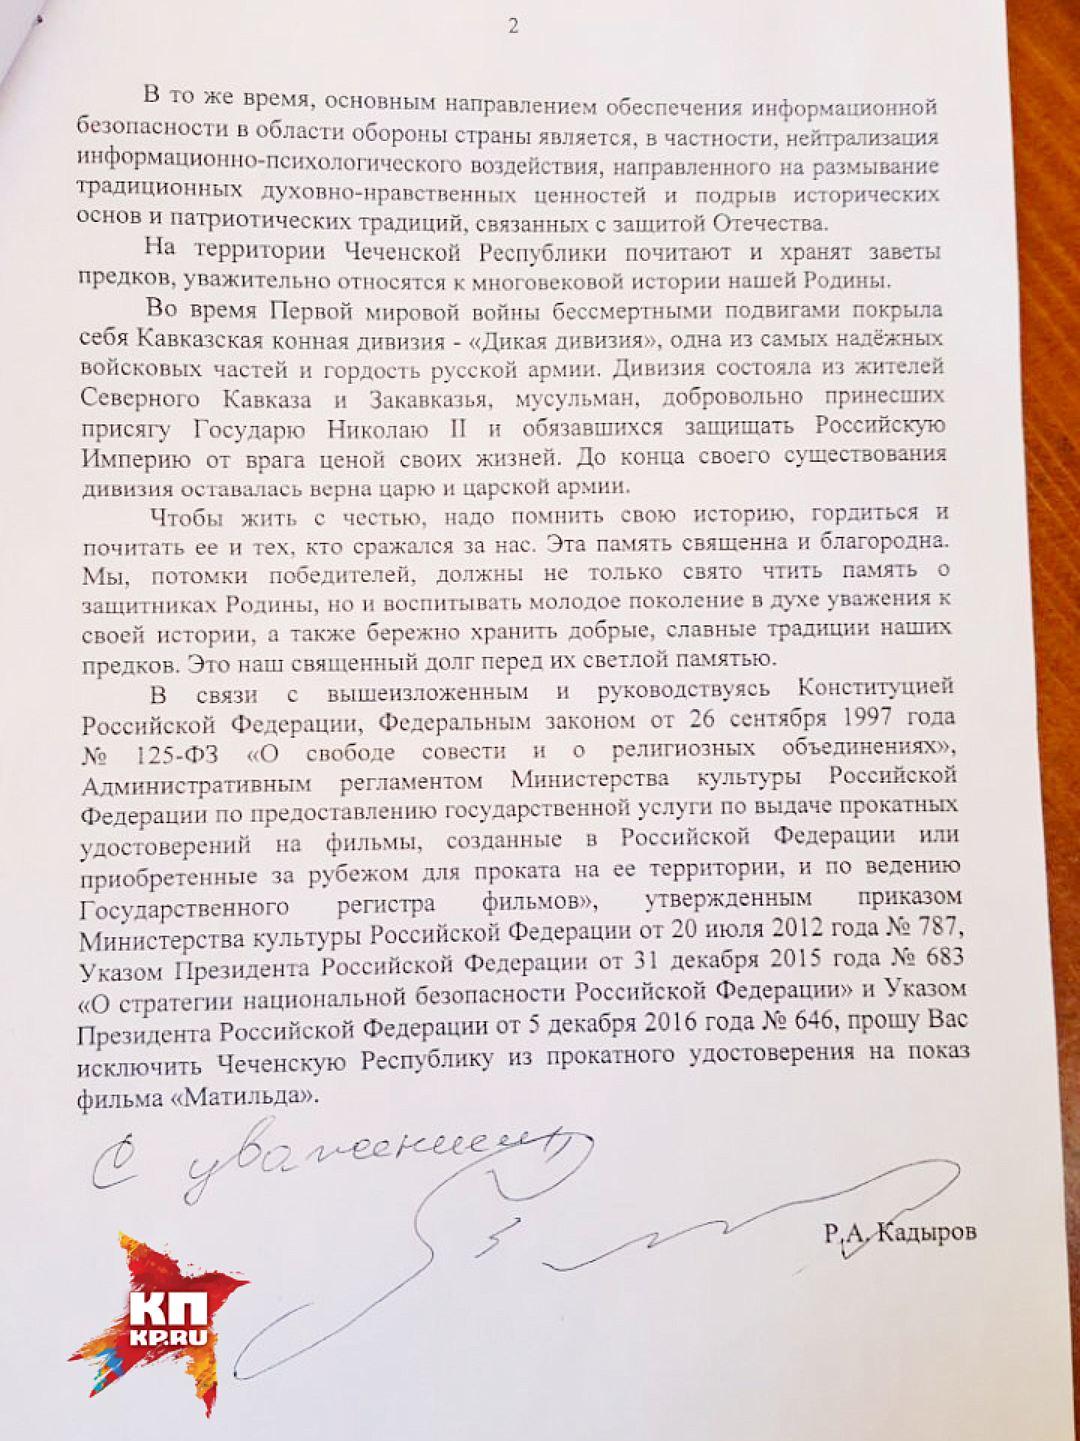 Кадыров_Матильда_2